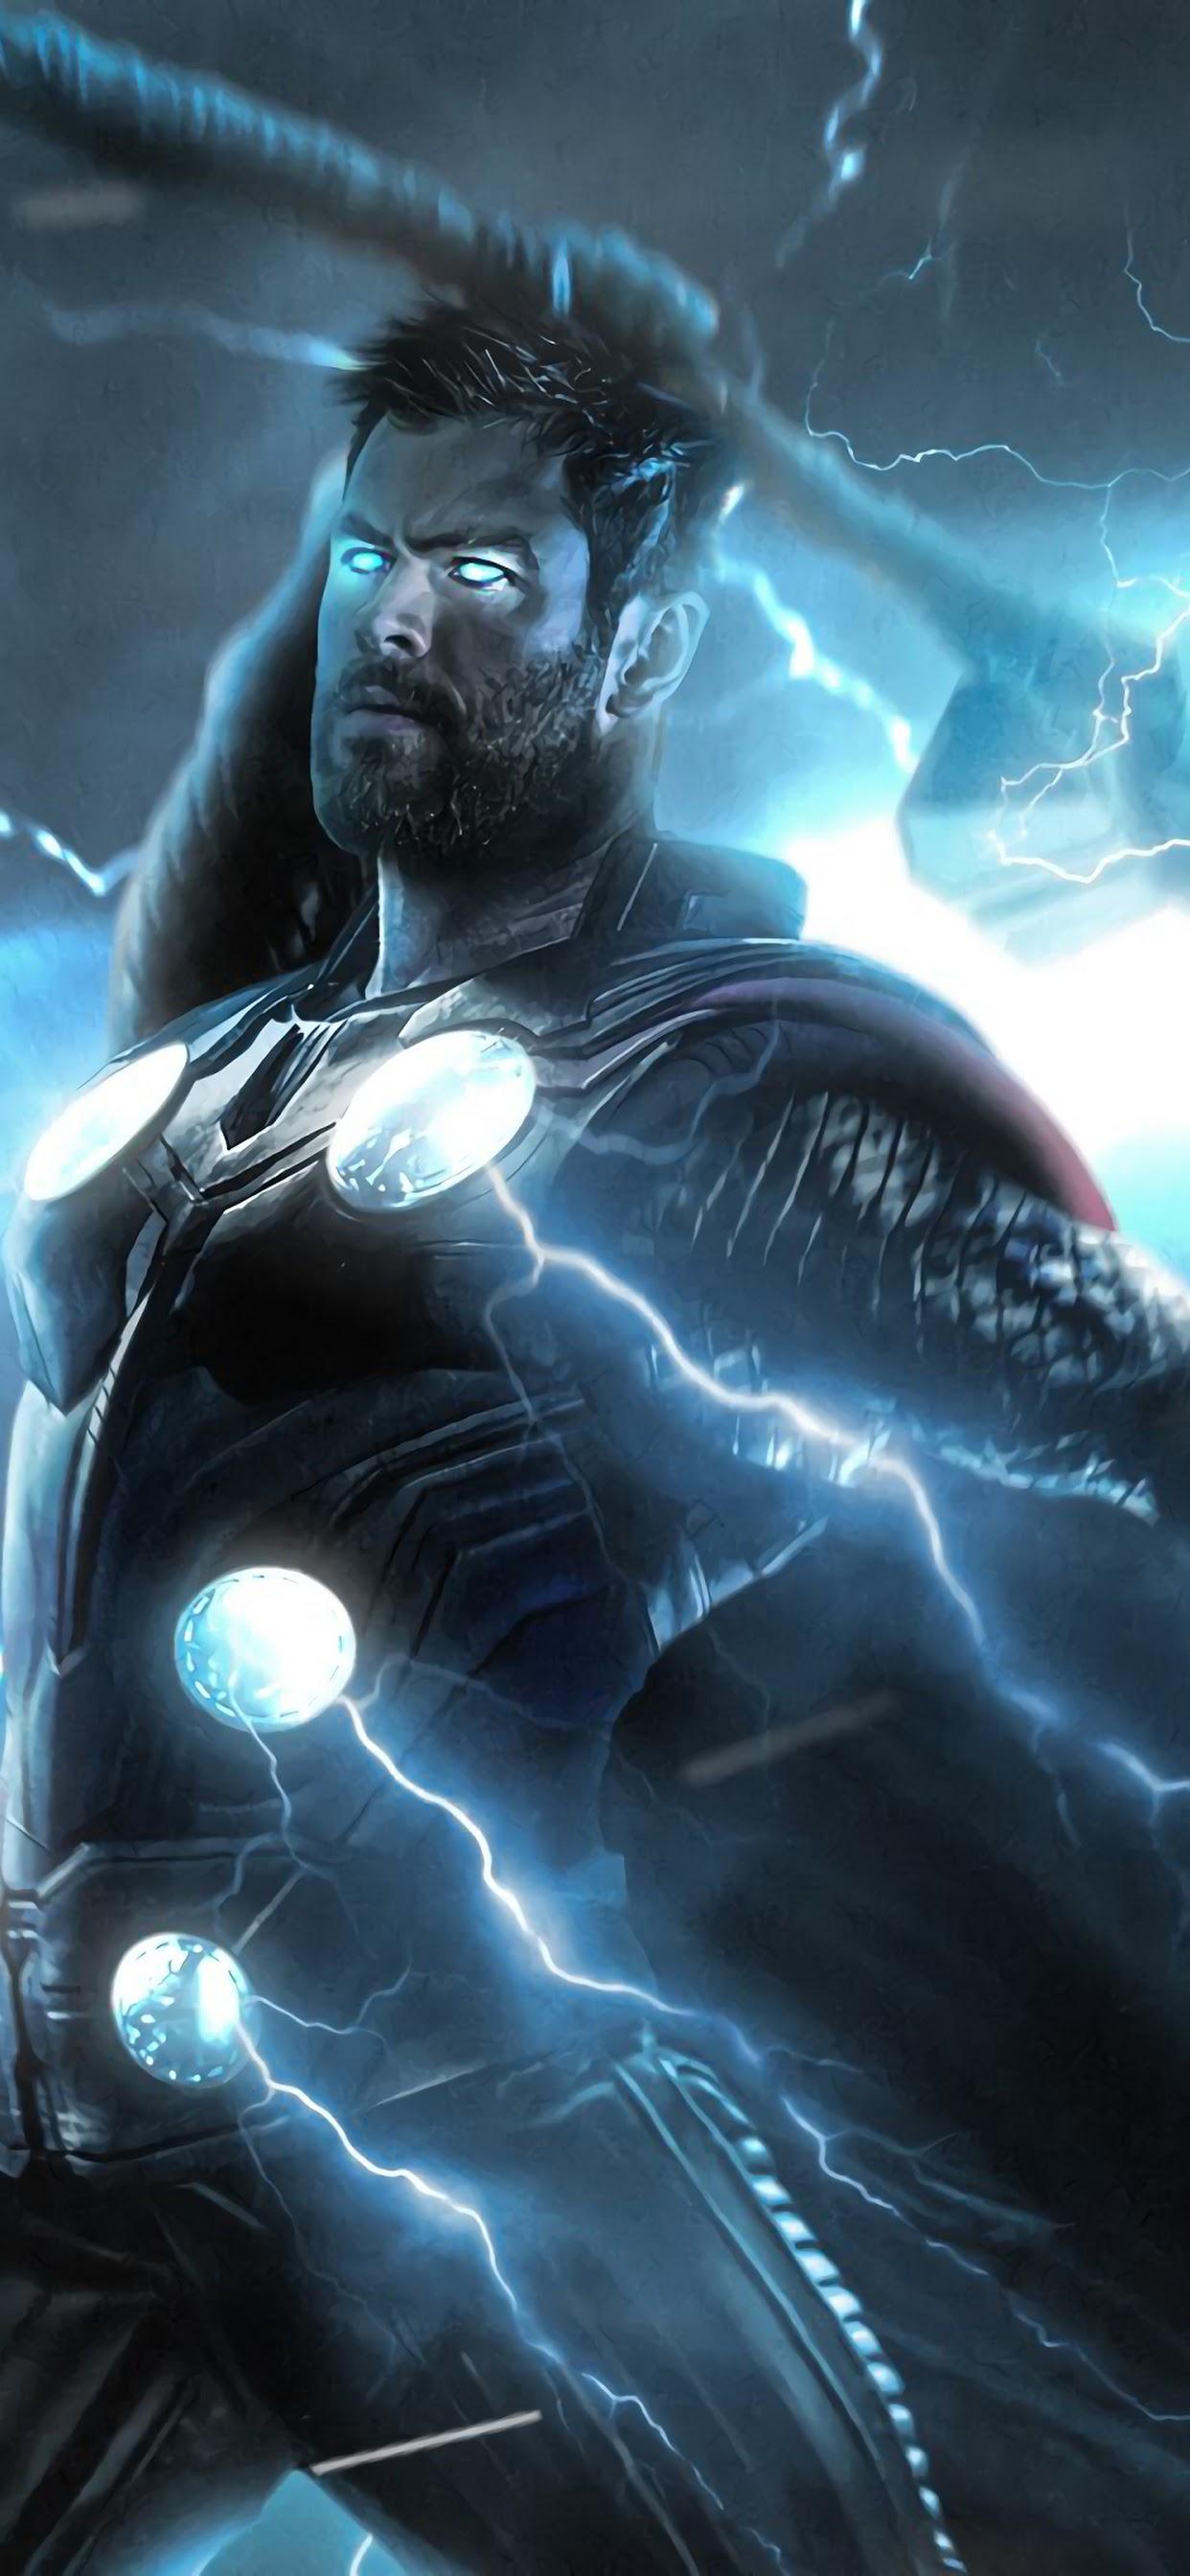 Avengers Endgame Thor Strombreaker Axe Lightning 4k